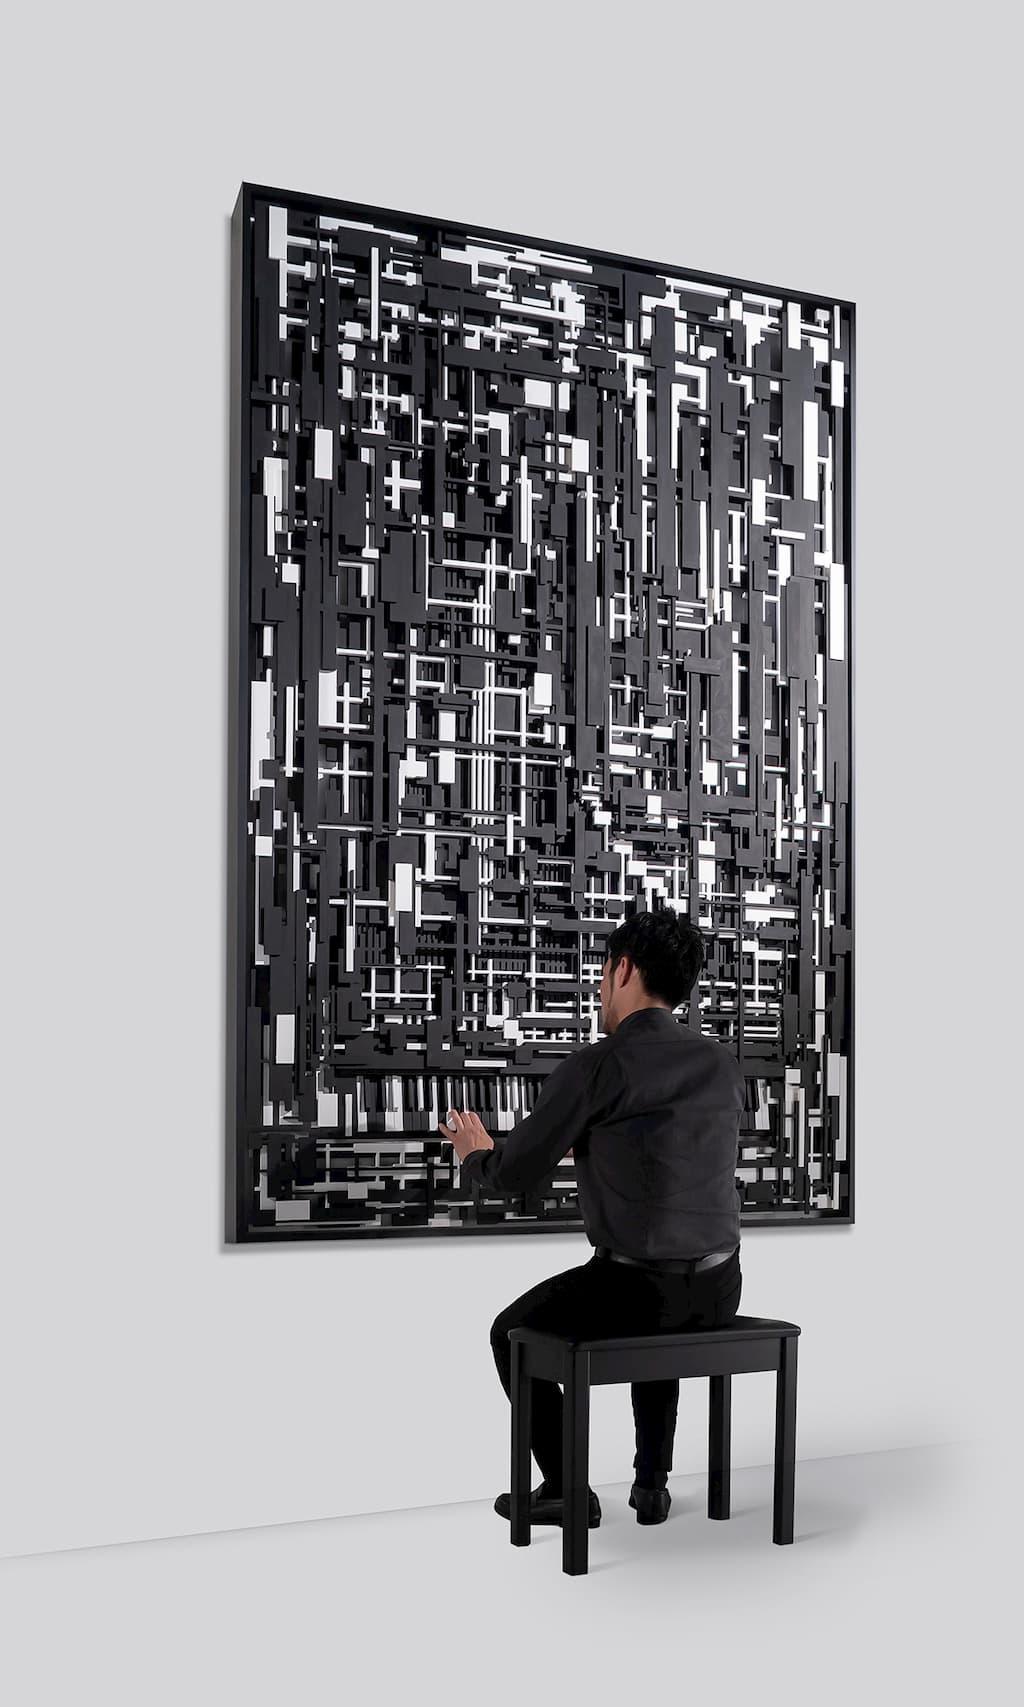 体験型作品のひとつ「Pianissimo Fortissimo(ピアニッシモ・フォルティッシモ)」を展示